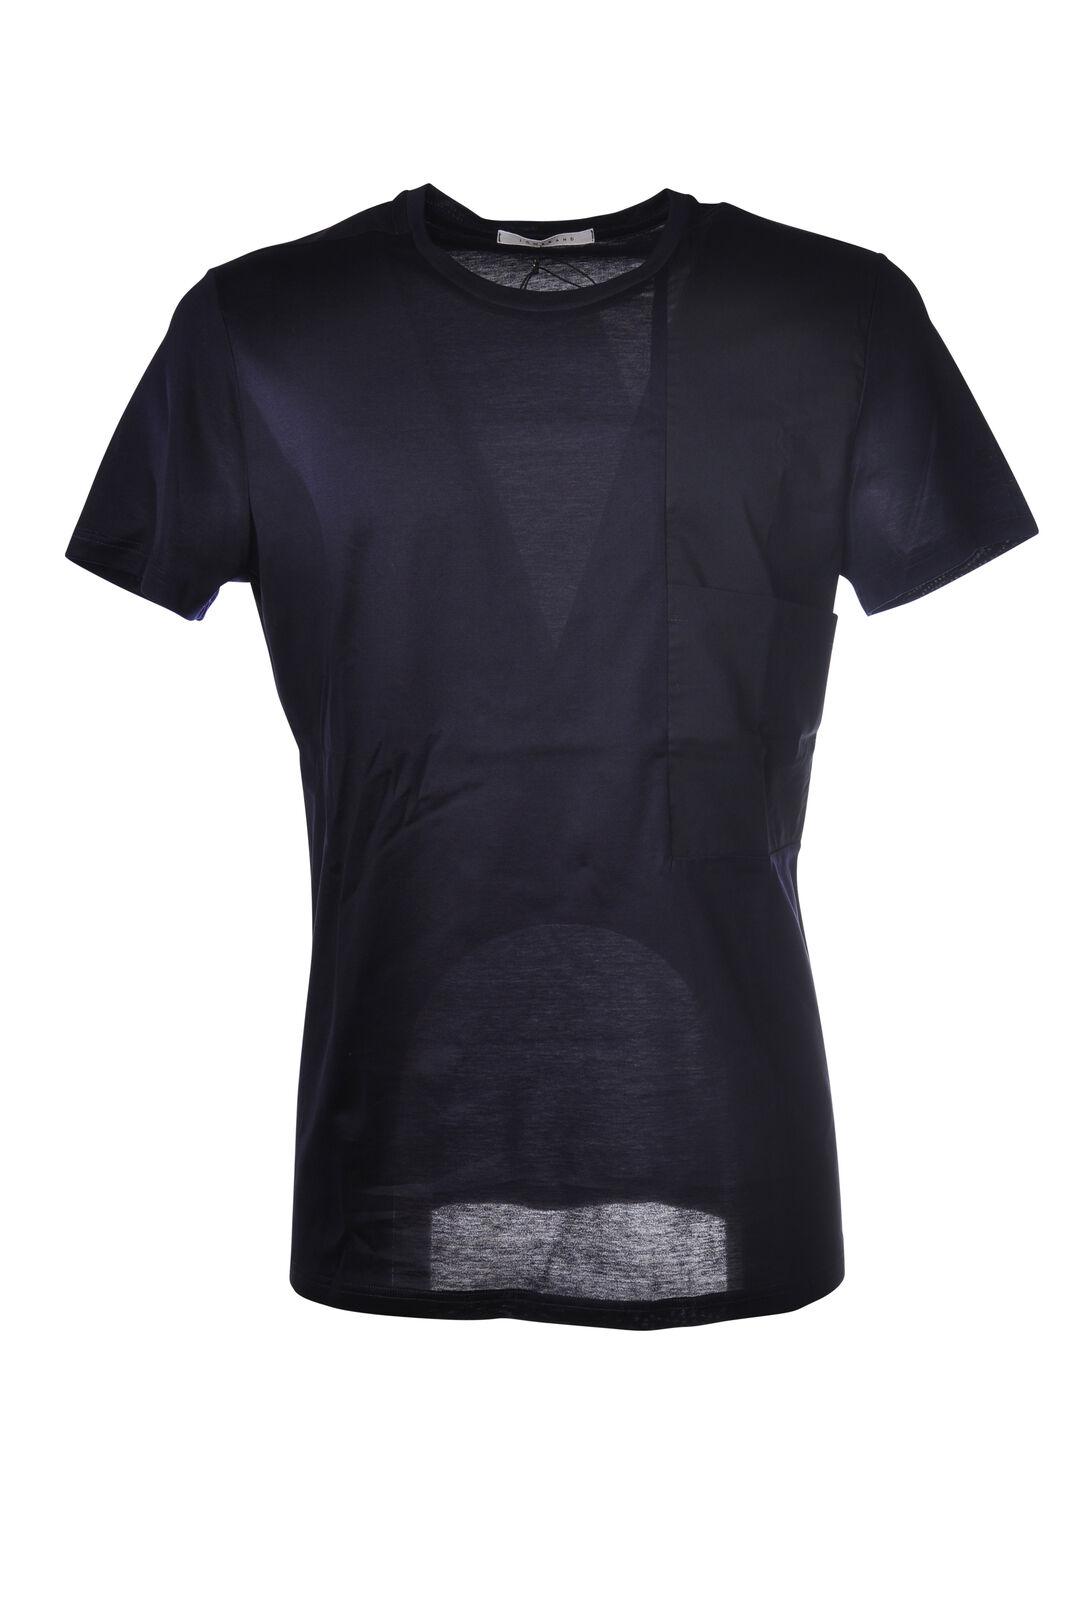 Niedrig Brand - Topwear-T-shirts - Man - Blau - 5252708E183705